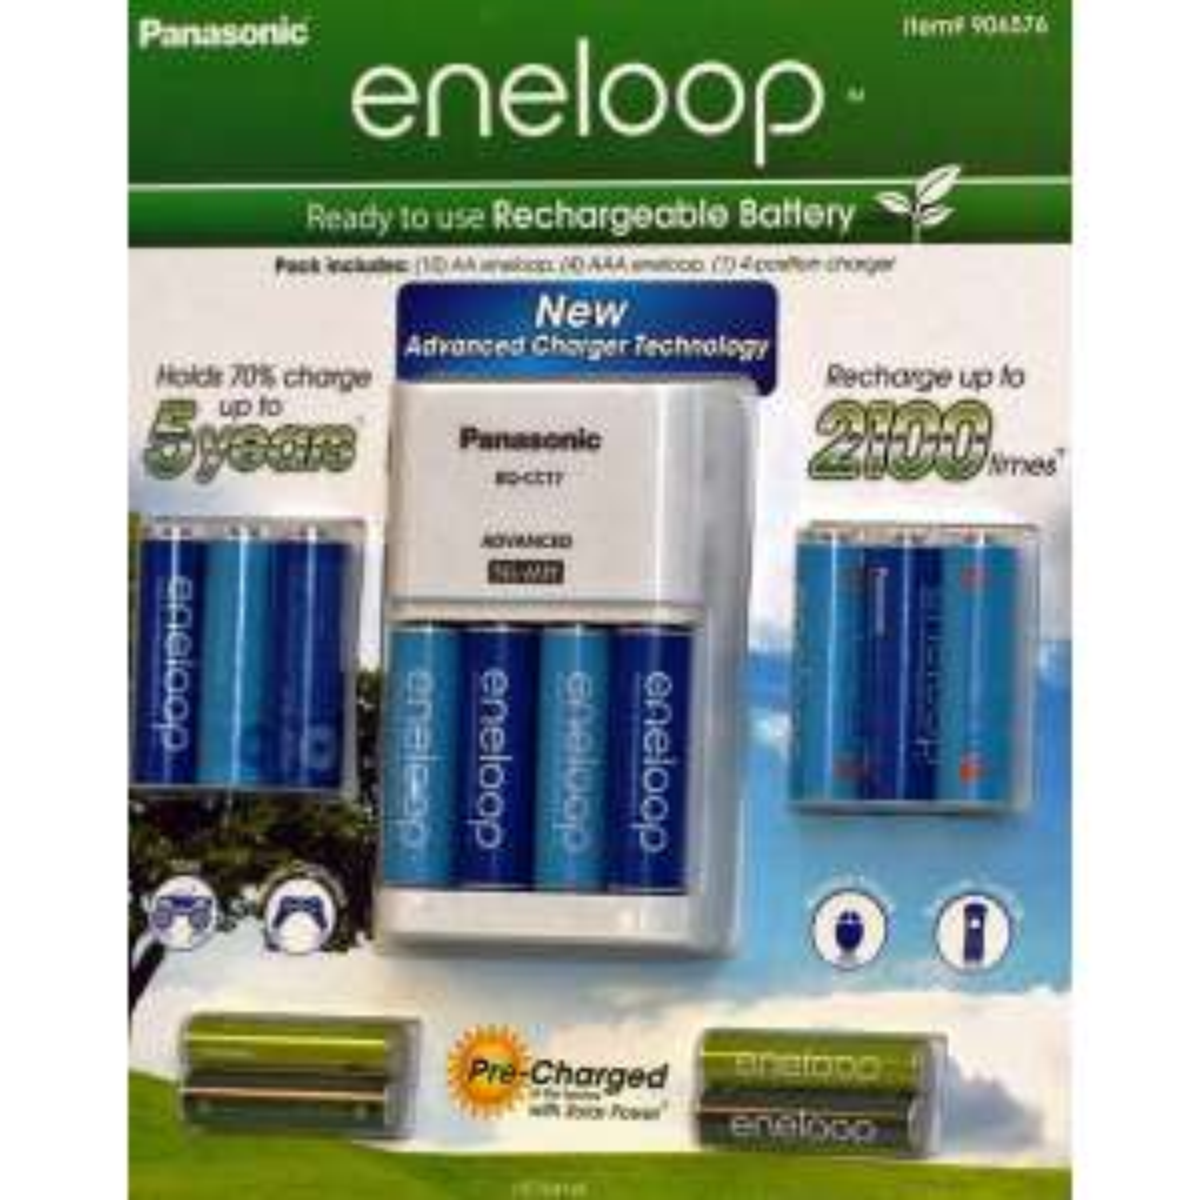 Amazon: Cargador de baterias Panasonic + 10 pilas AA y 4 AAA